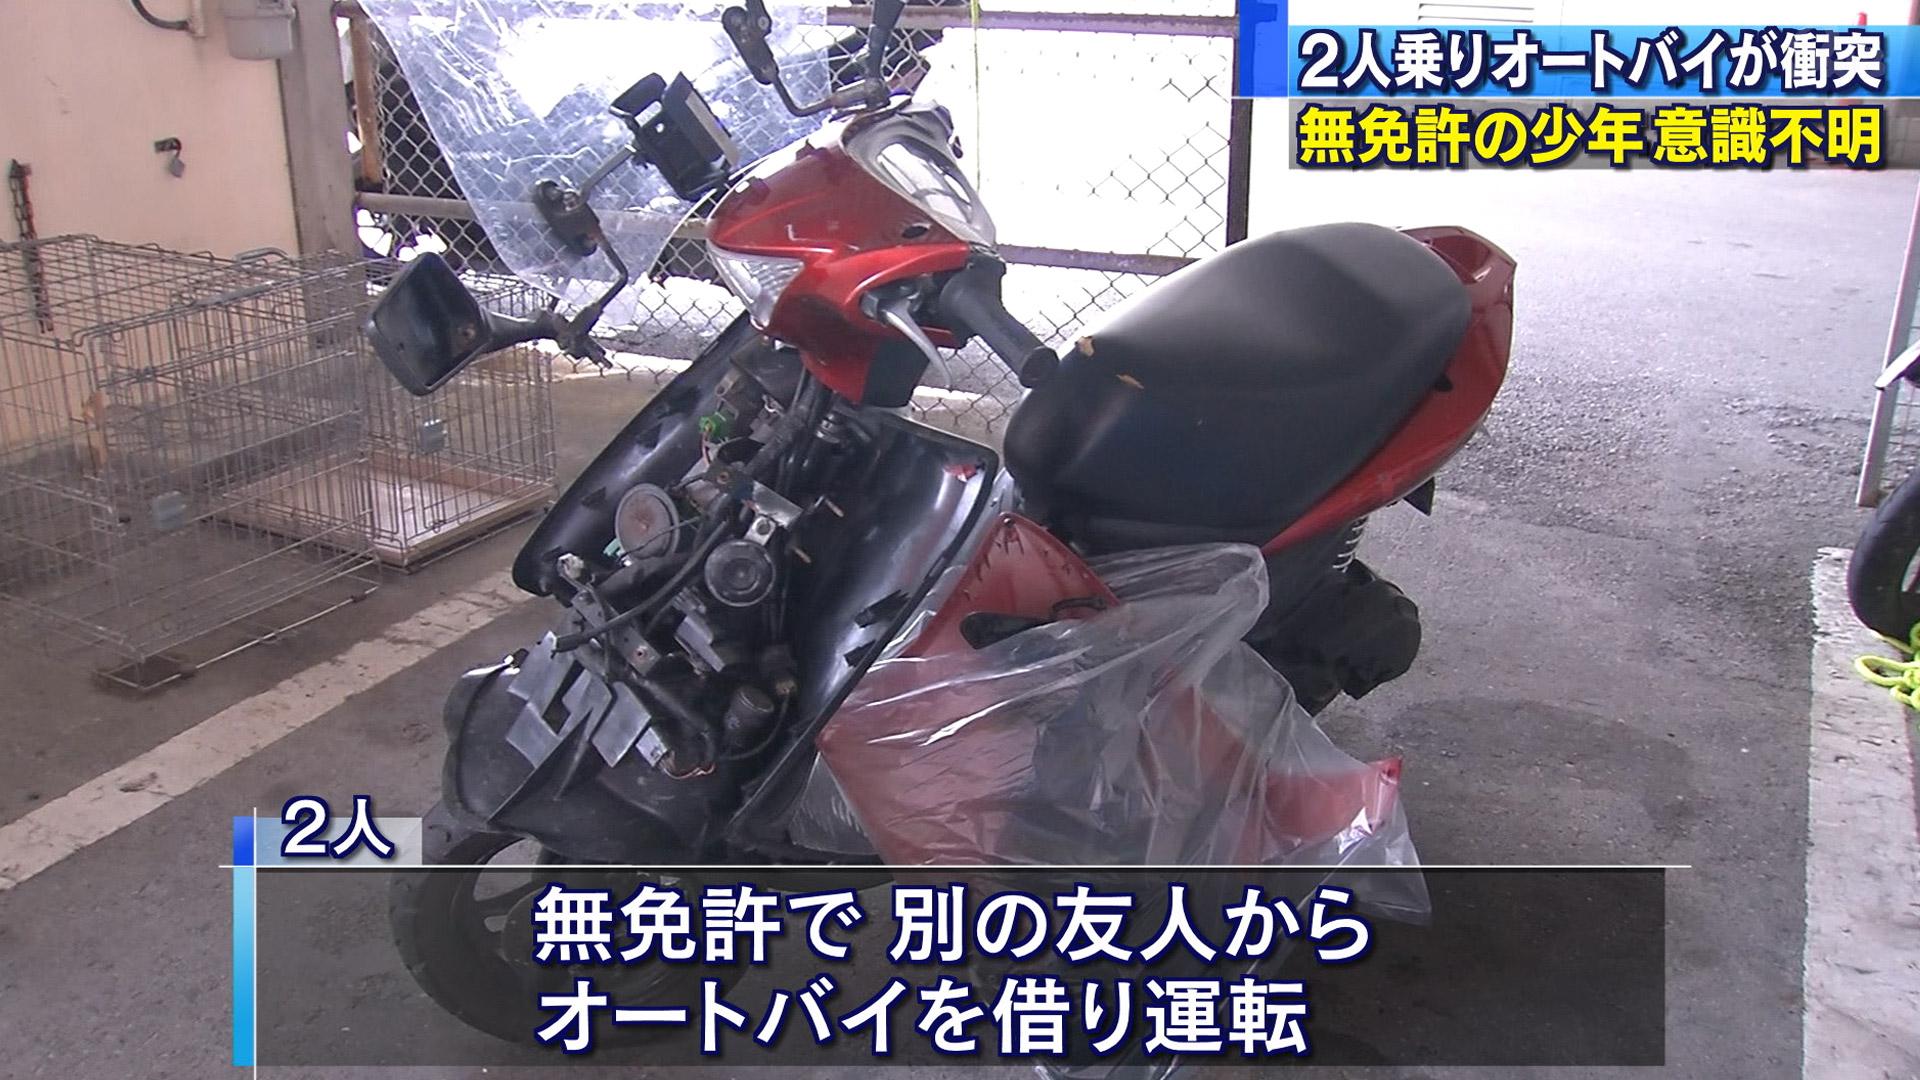 読谷村で2人乗りのオートバイが事故 1人意識不明